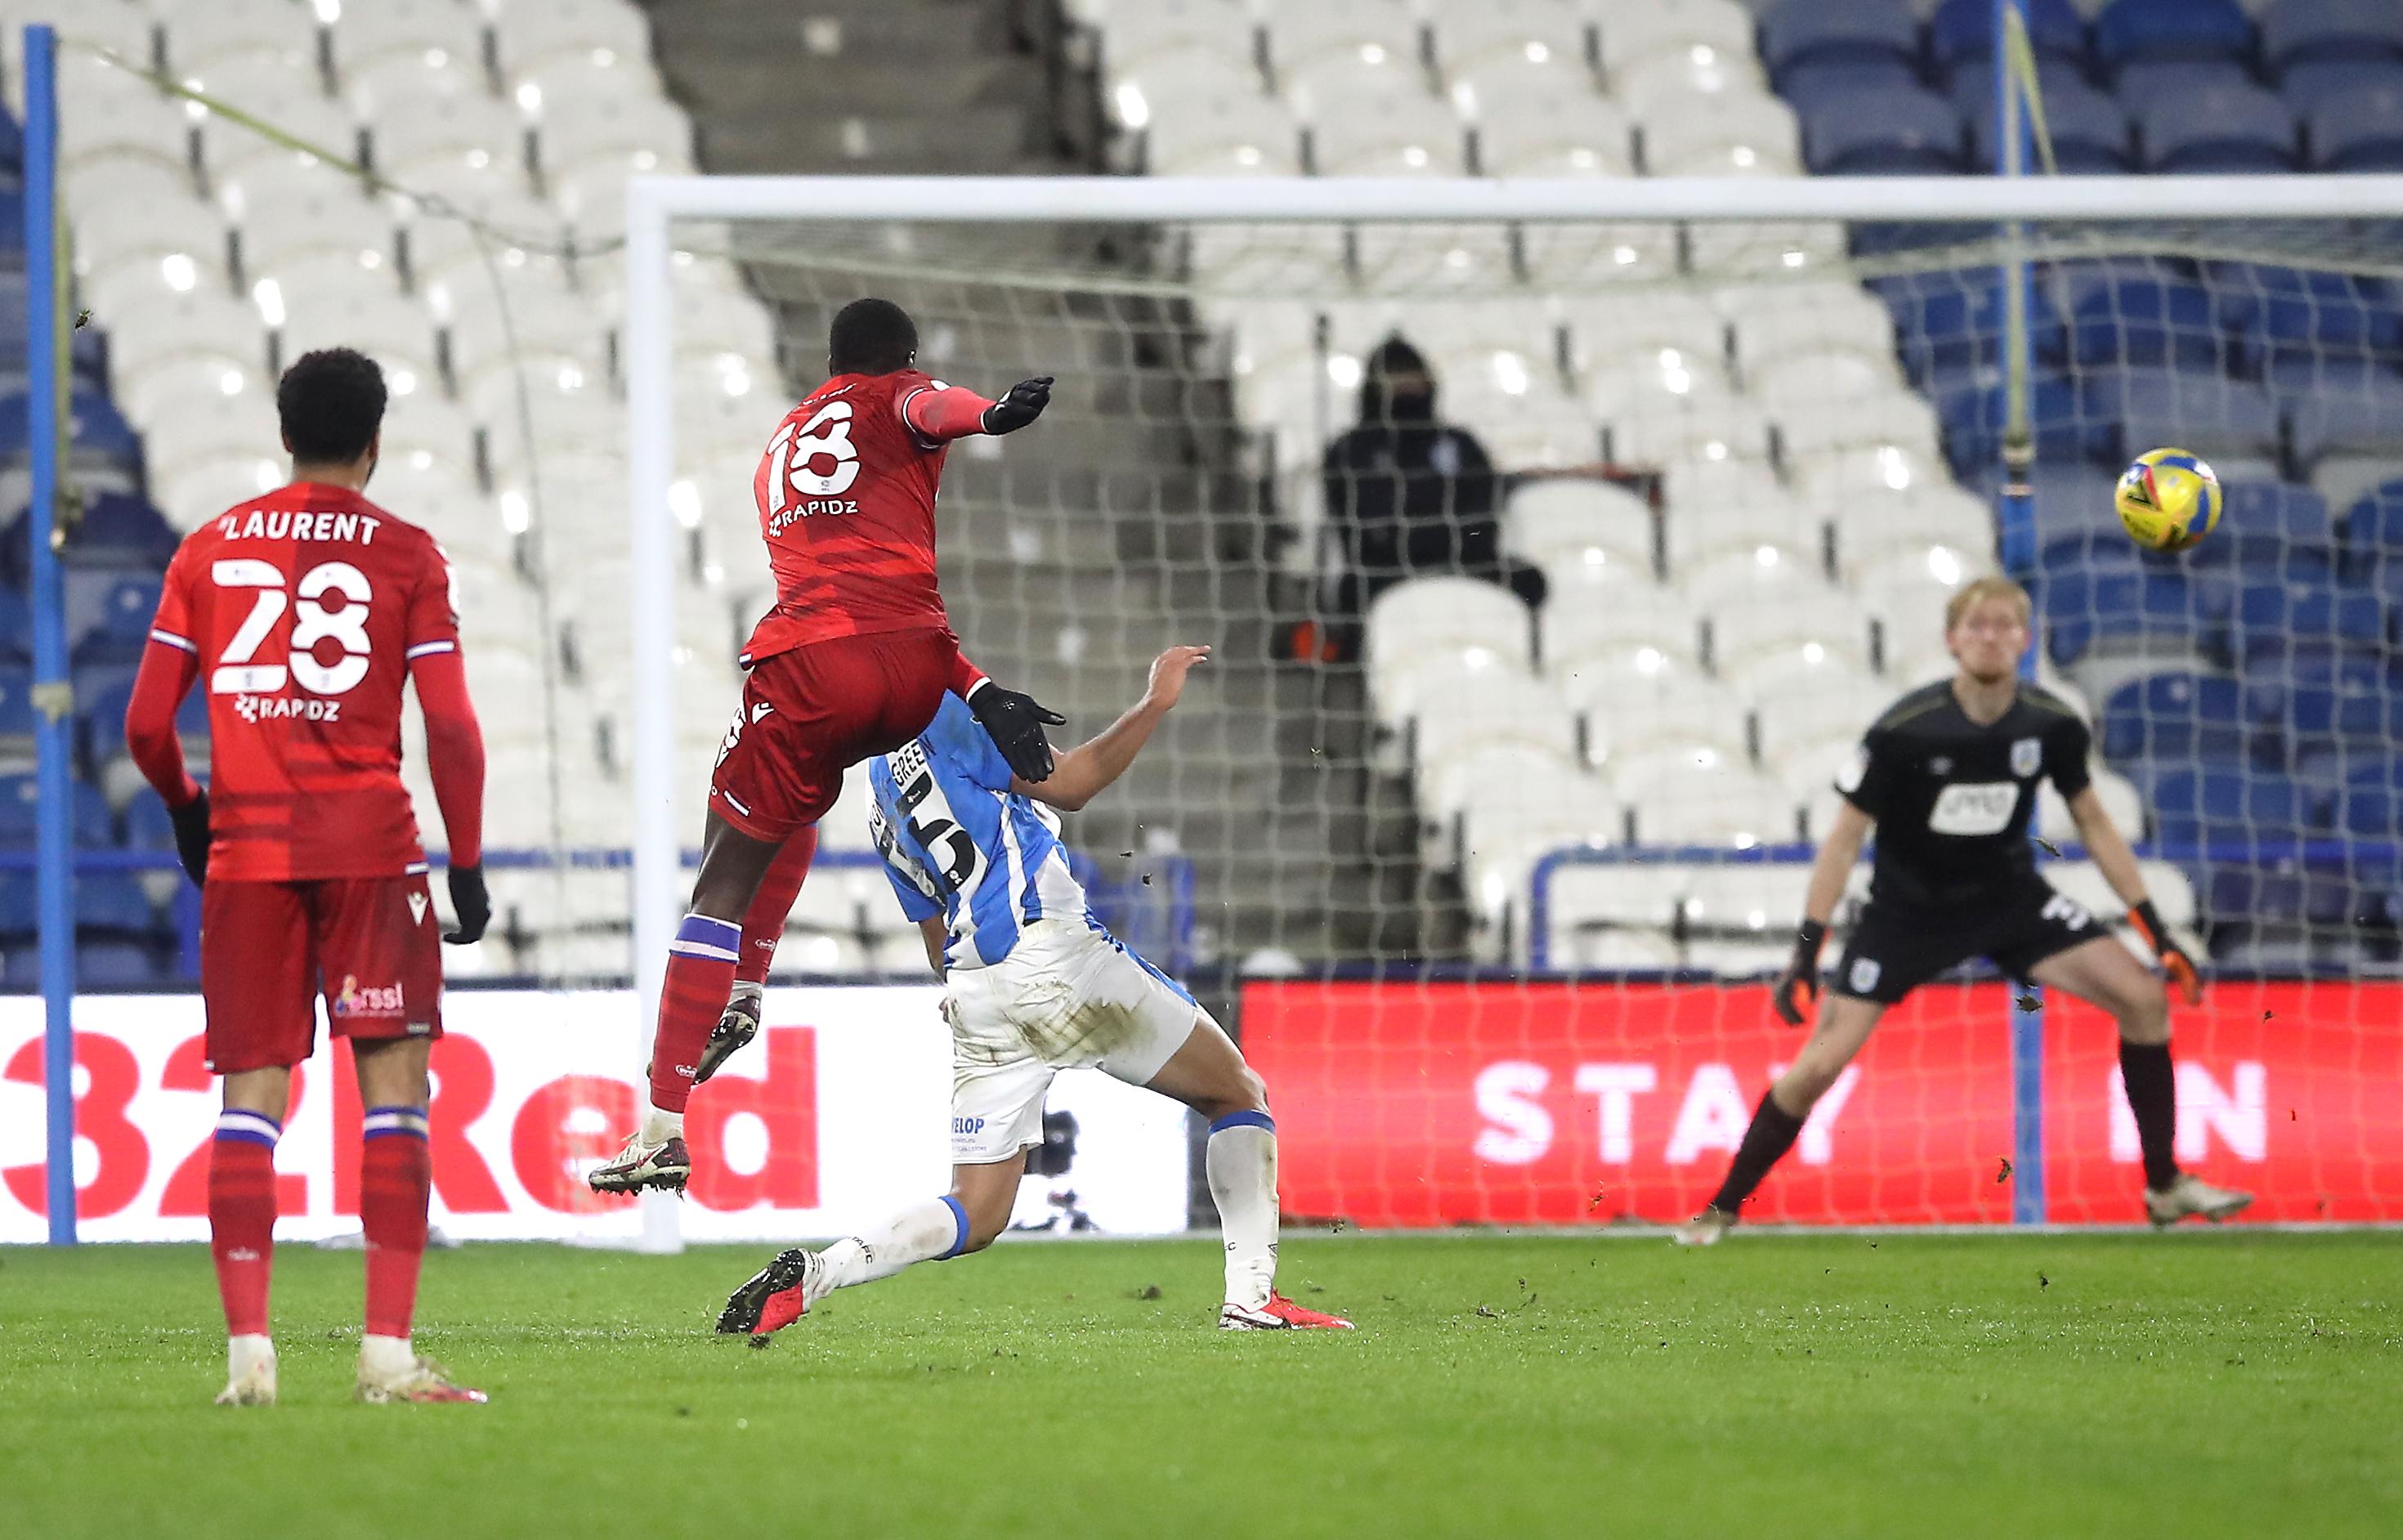 Huddersfield Town v Reading - Sky Bet Championship - John Smith's Stadium